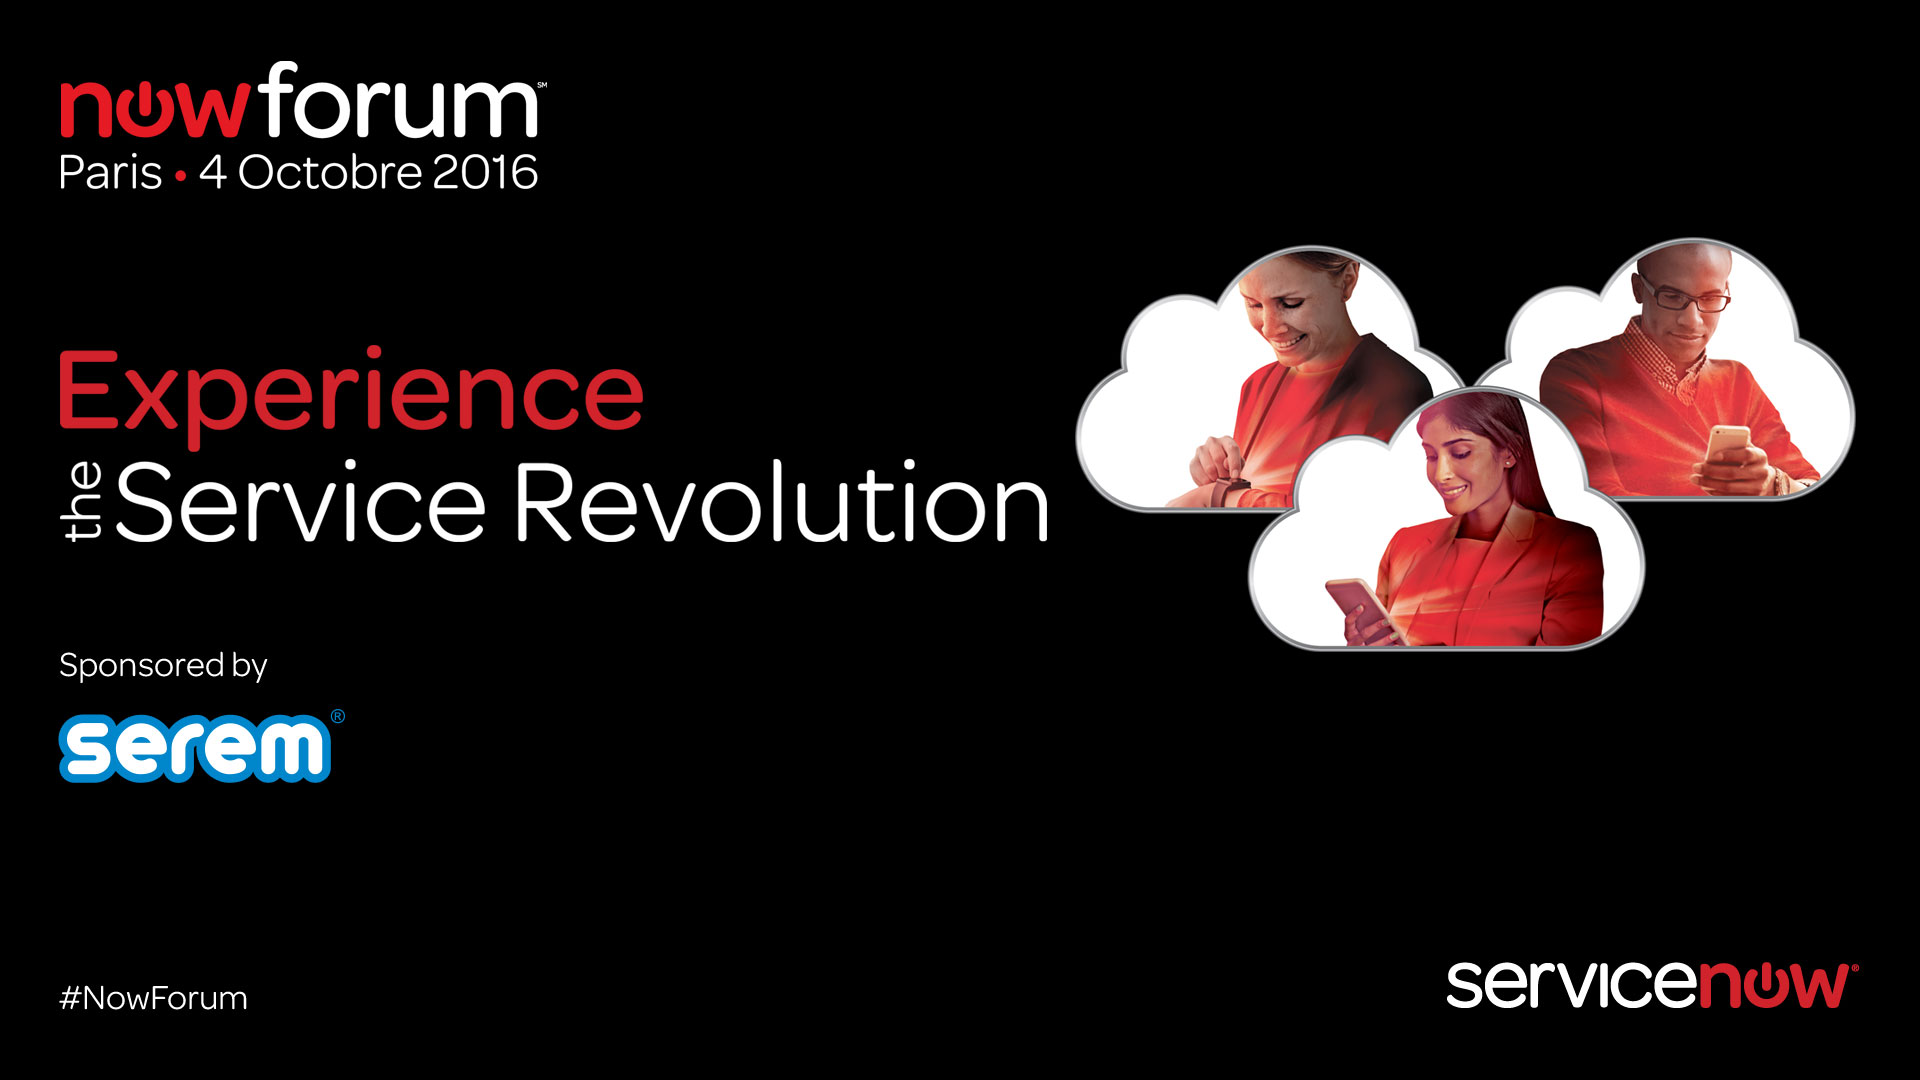 Un día de inspiración, SEREM Gold Sponsor en NowForum París 2016